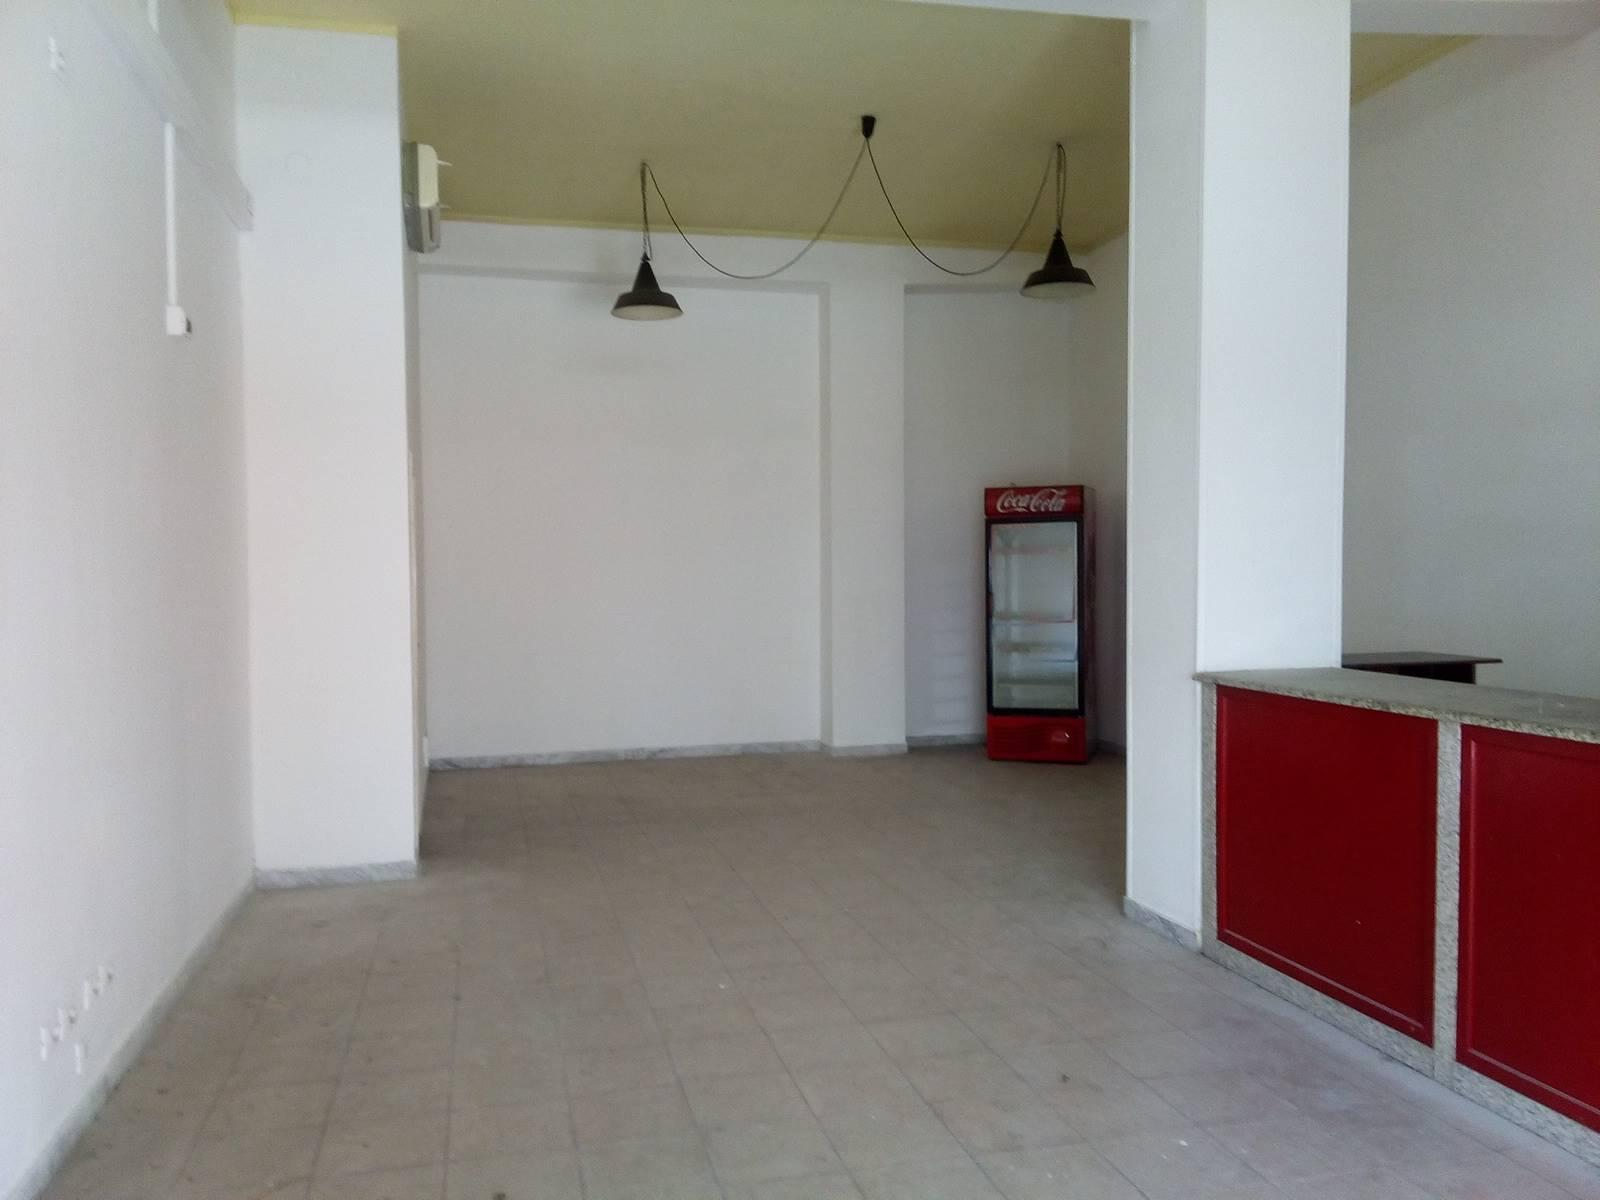 Immobile Commerciale in affitto a La Spezia, 1 locali, zona Zona: Mazzetta, prezzo € 600   CambioCasa.it